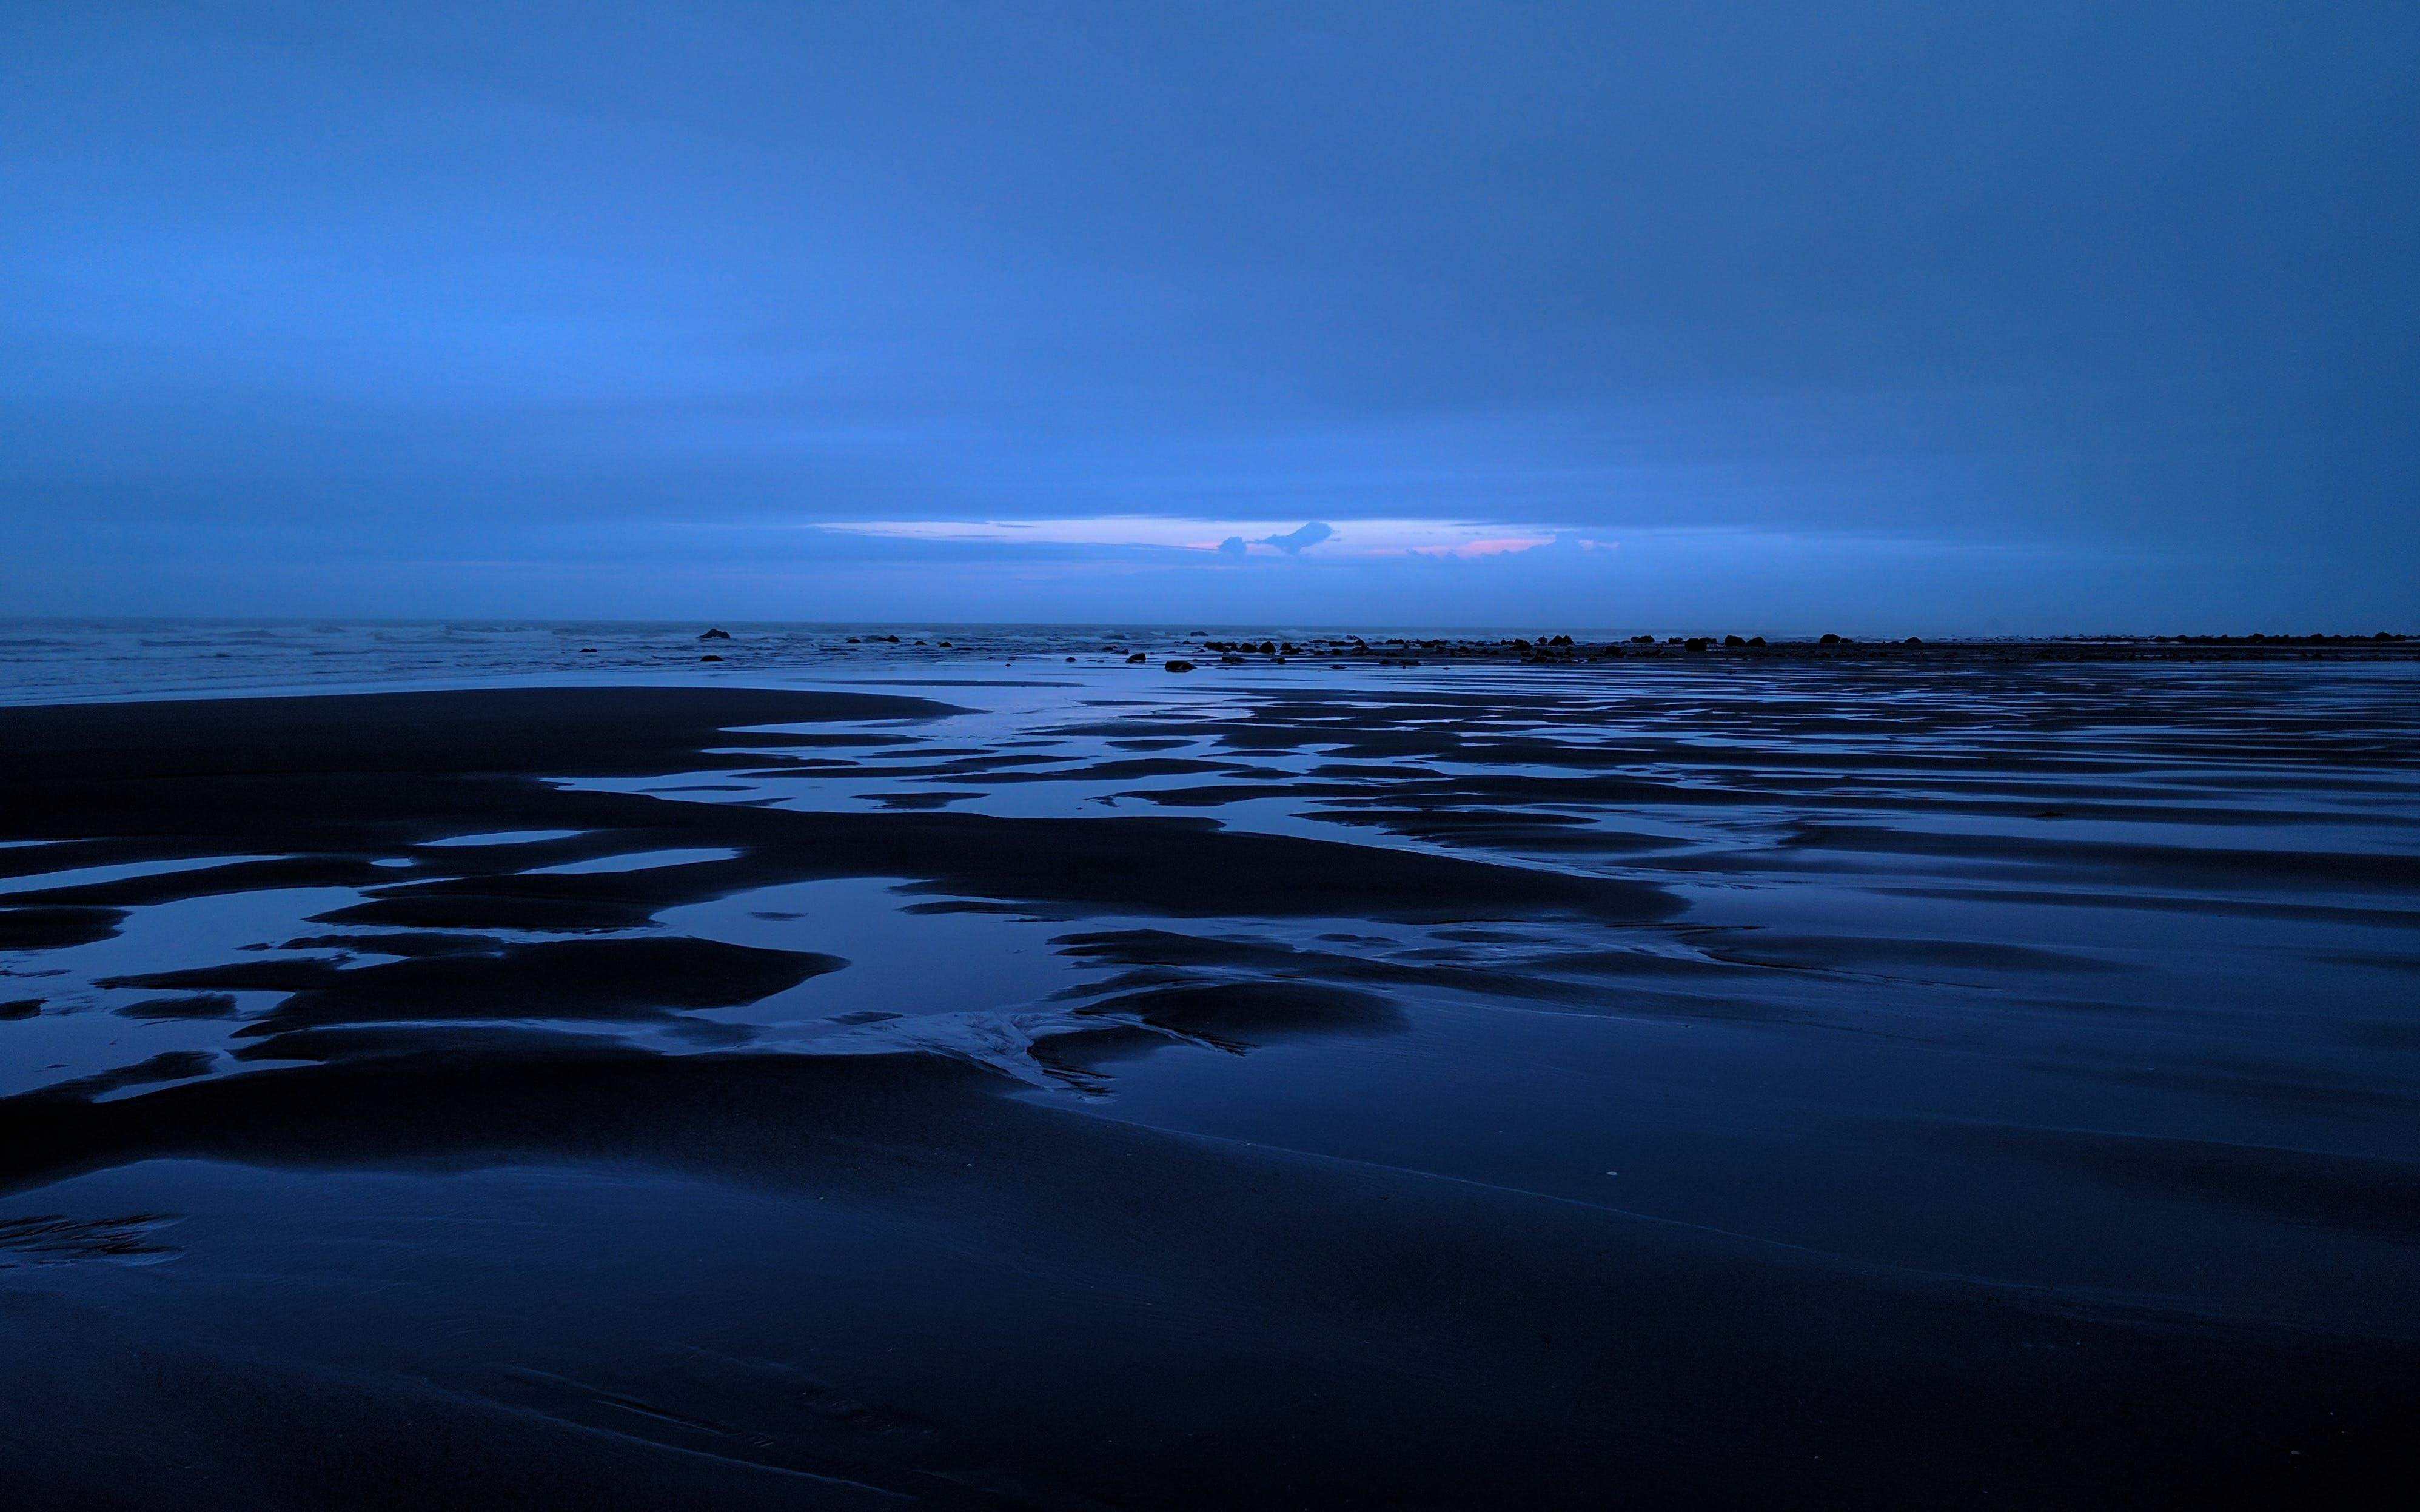 Δωρεάν στοκ φωτογραφιών με background, αντανακλάσεις, μαύρη άμμος, μπλε